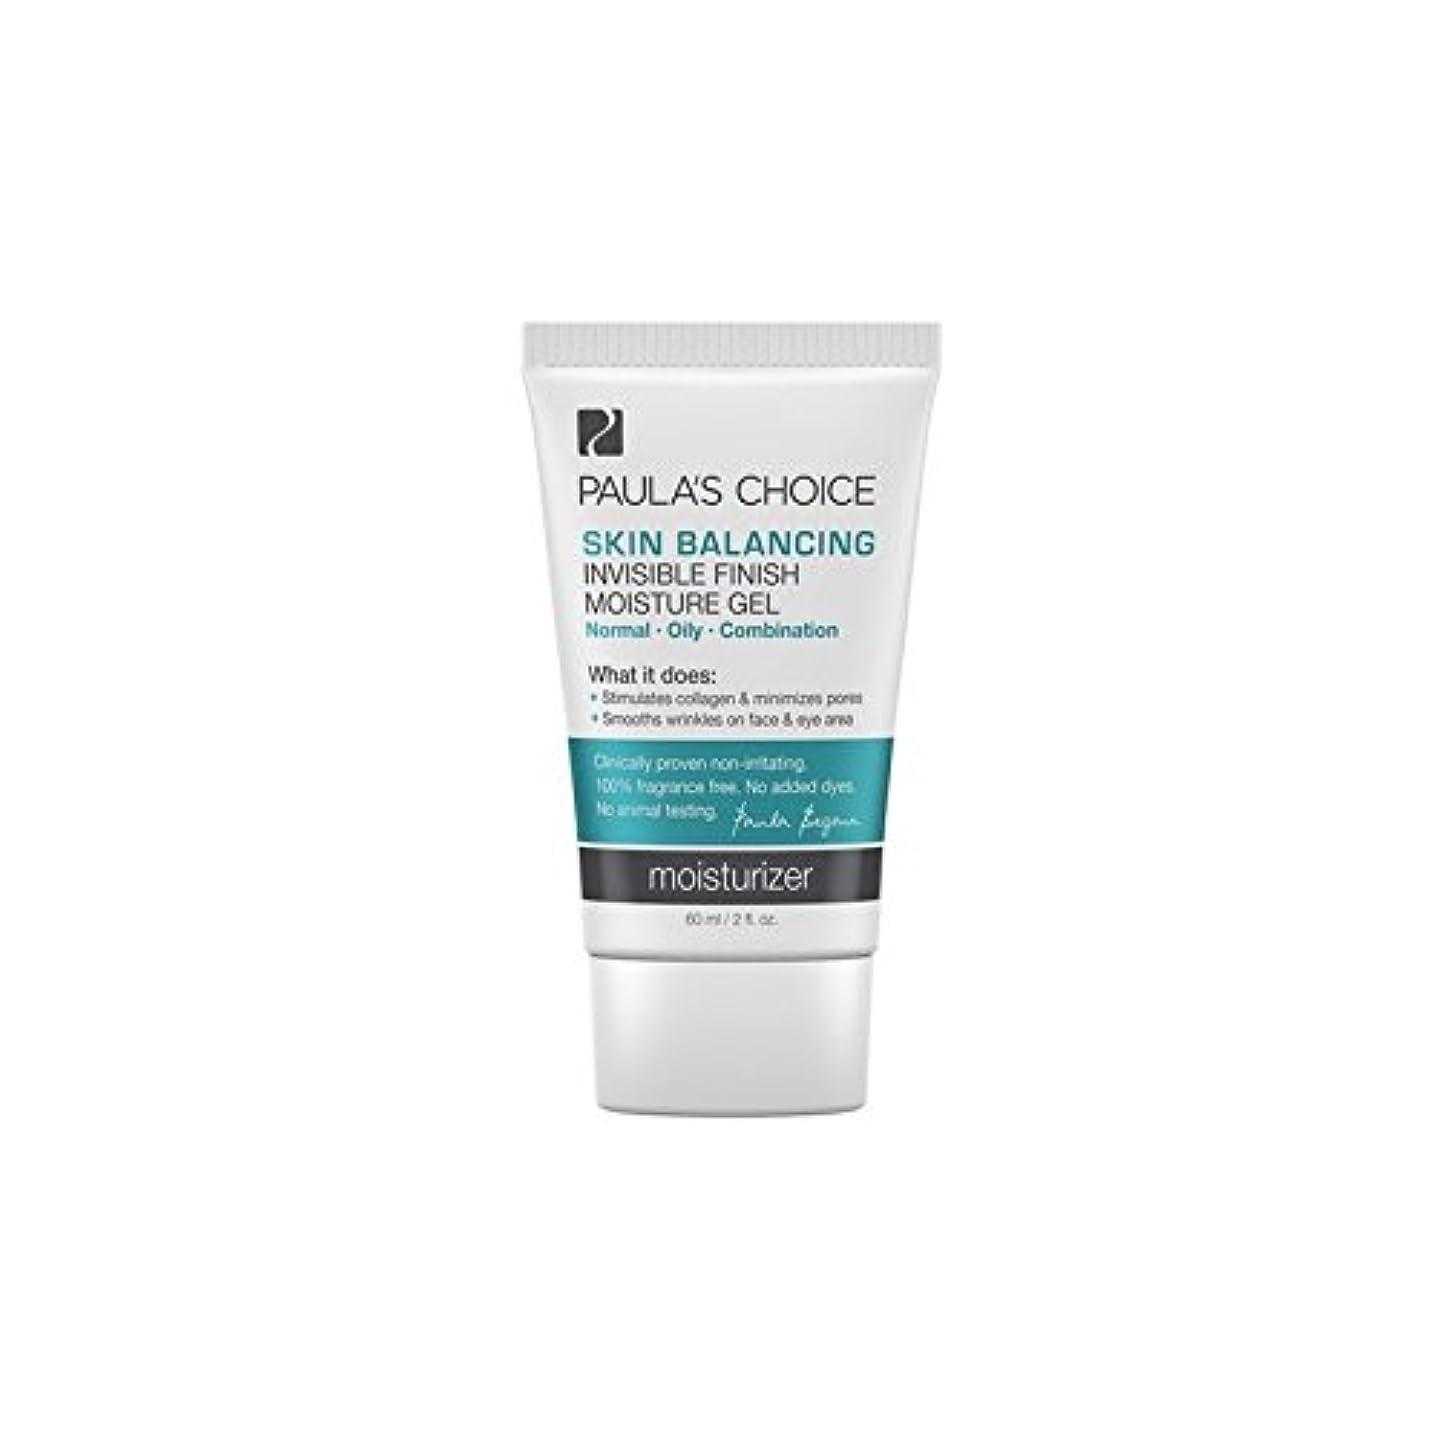 リボンプロジェクター舌Paula's Choice Skin Balancing Invisible Finish Moisture Gel (60ml) - ポーラチョイスの肌のバランス目に見えない仕上がり水分ゲル(60ミリリットル) [並行輸入品]